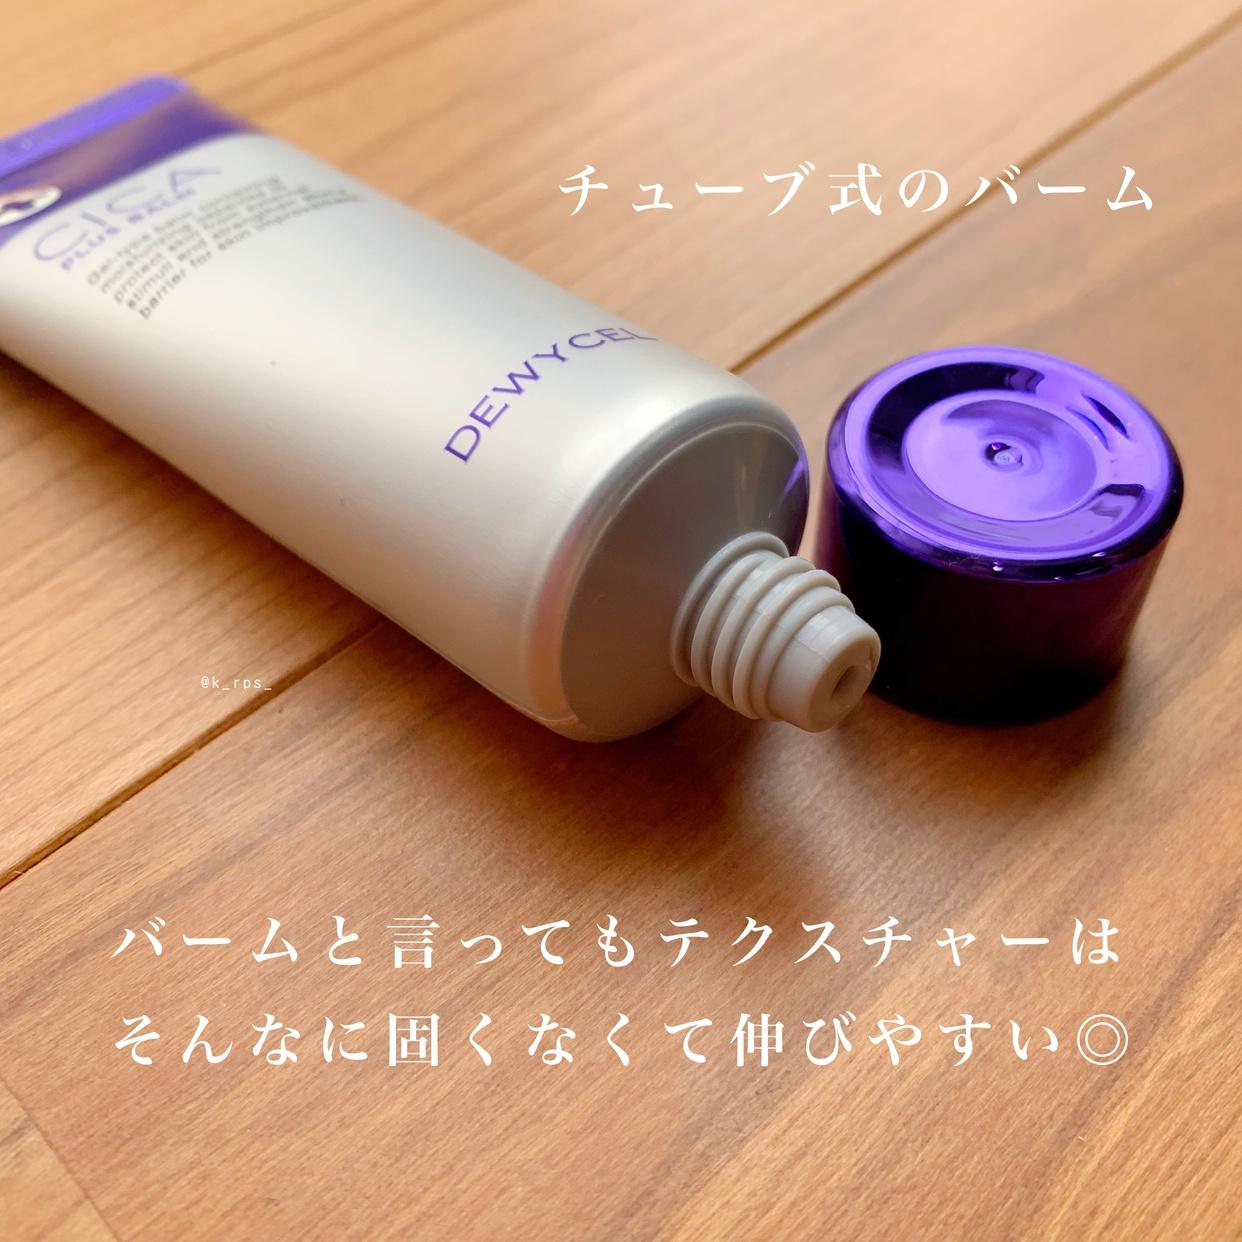 DEWYCEL(デュイセル) シカプラス バームクリームを使ったKeiさんのクチコミ画像2